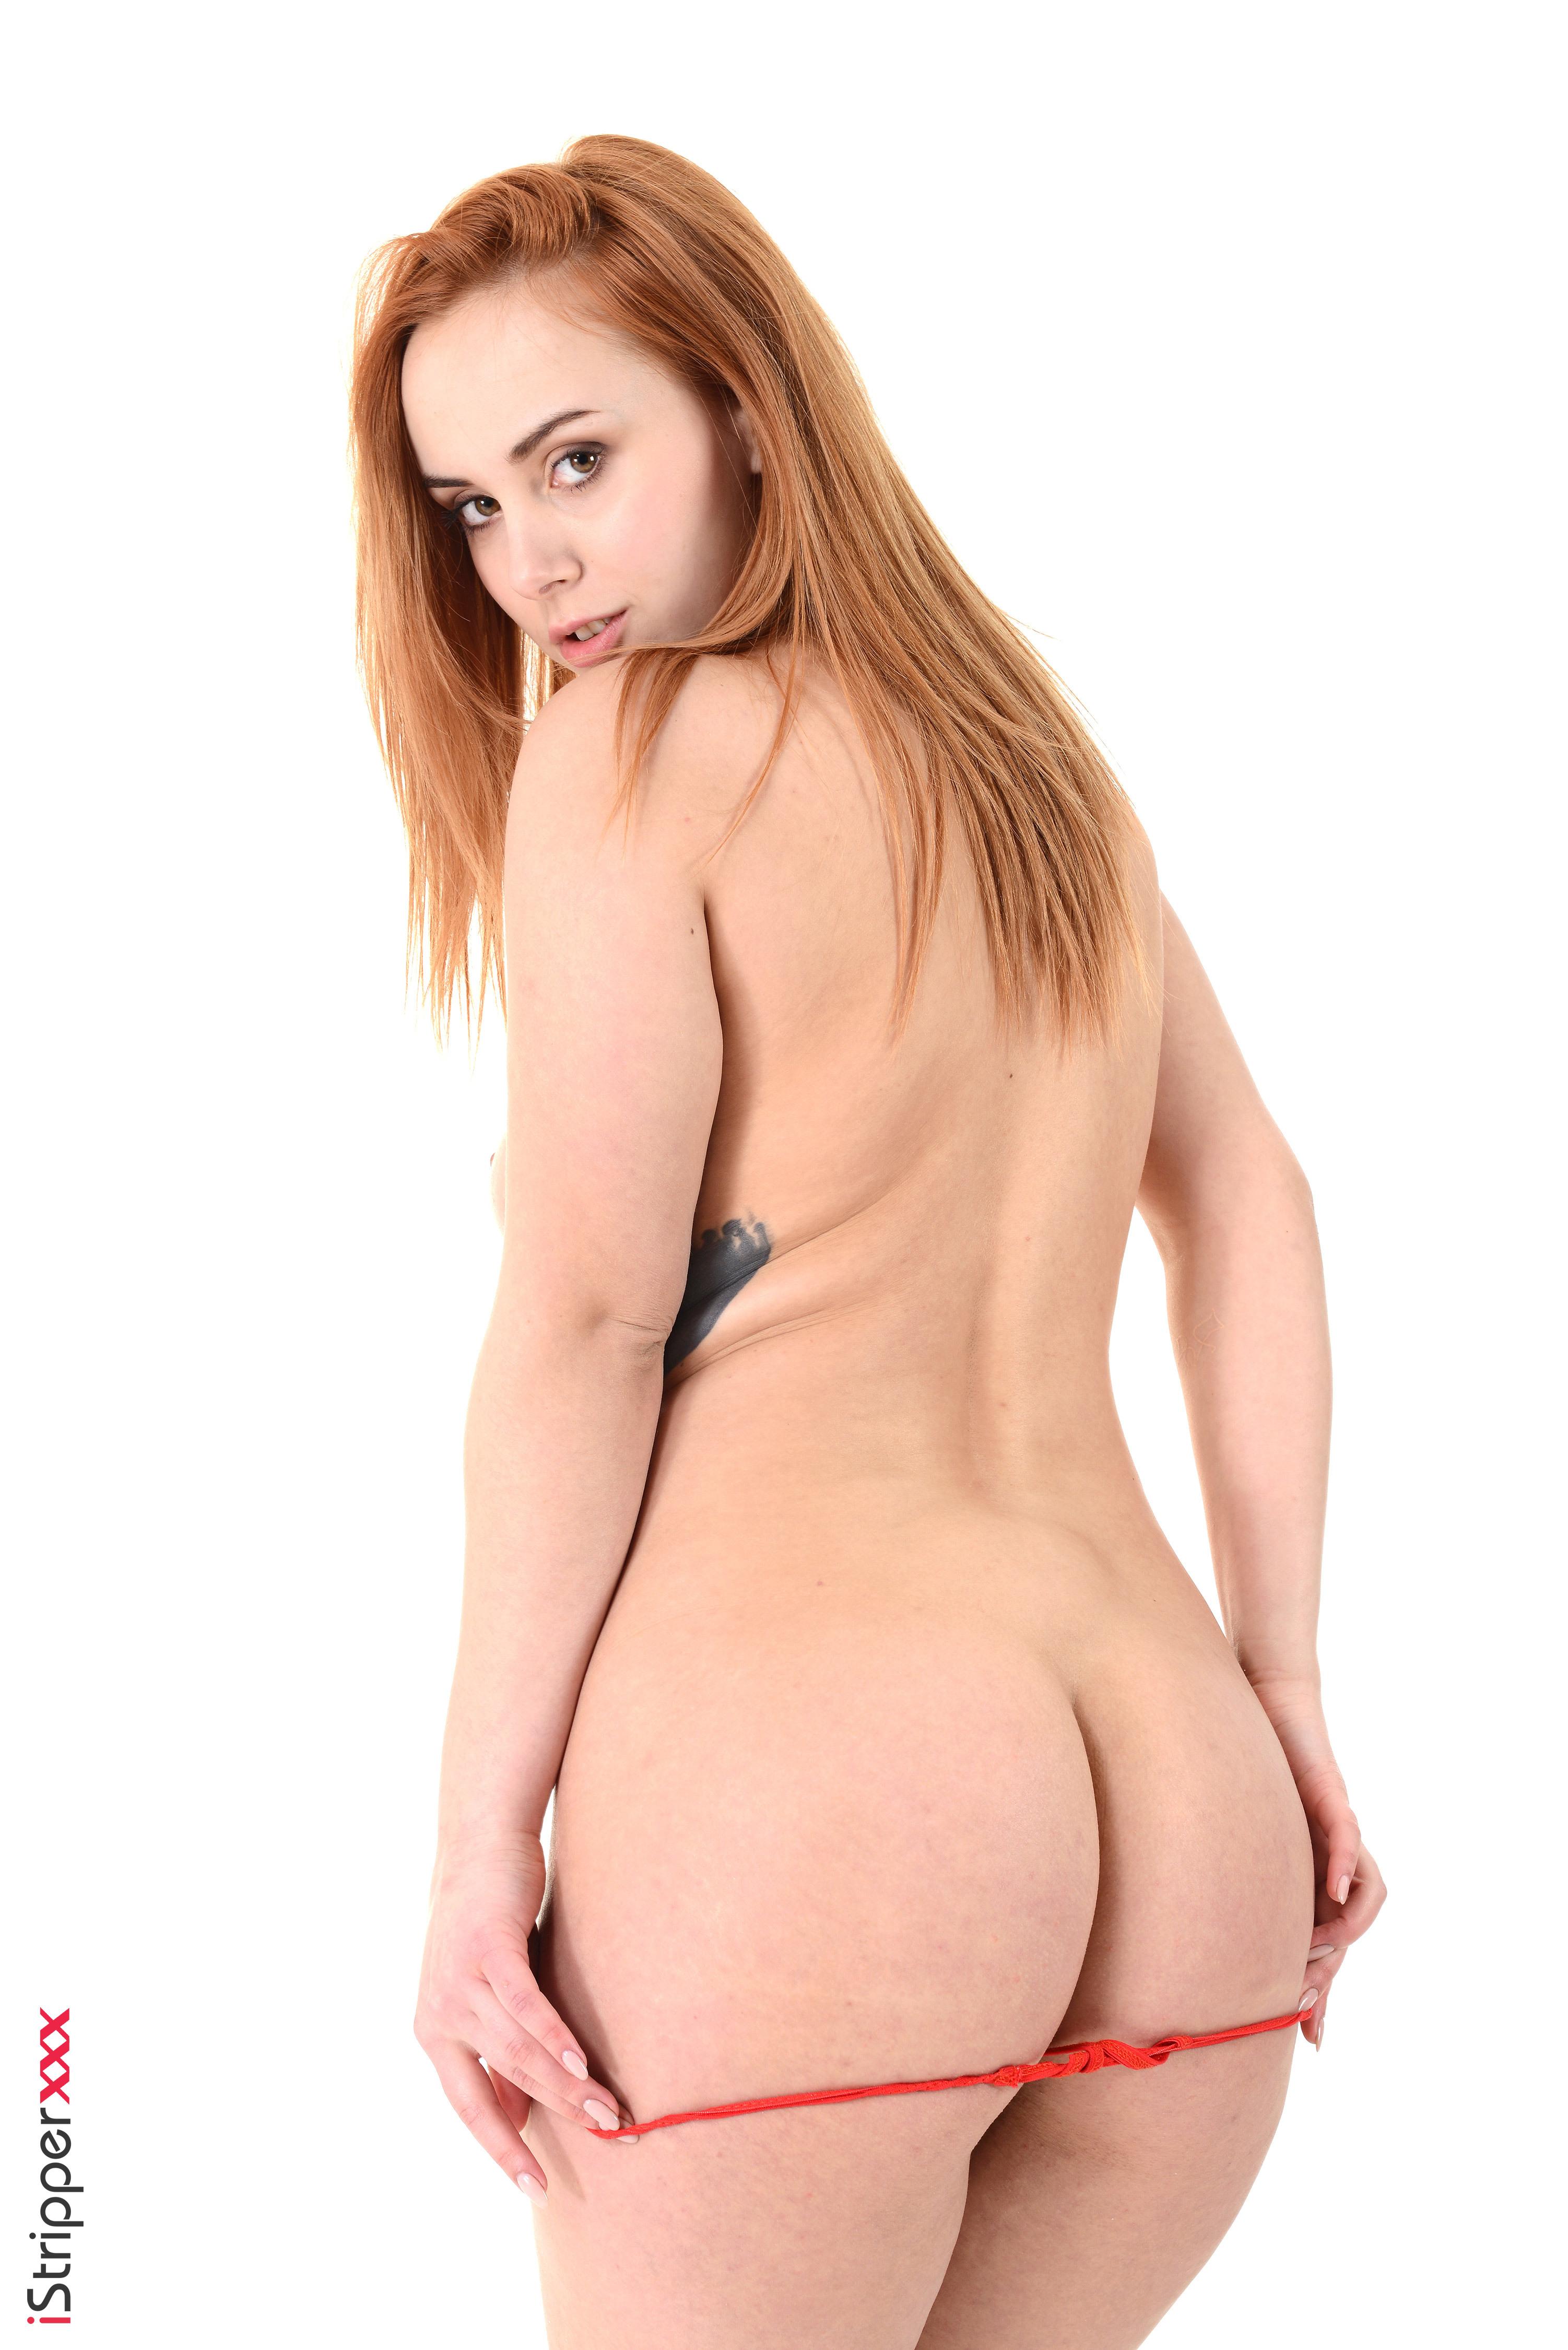 wallpaper naked girls